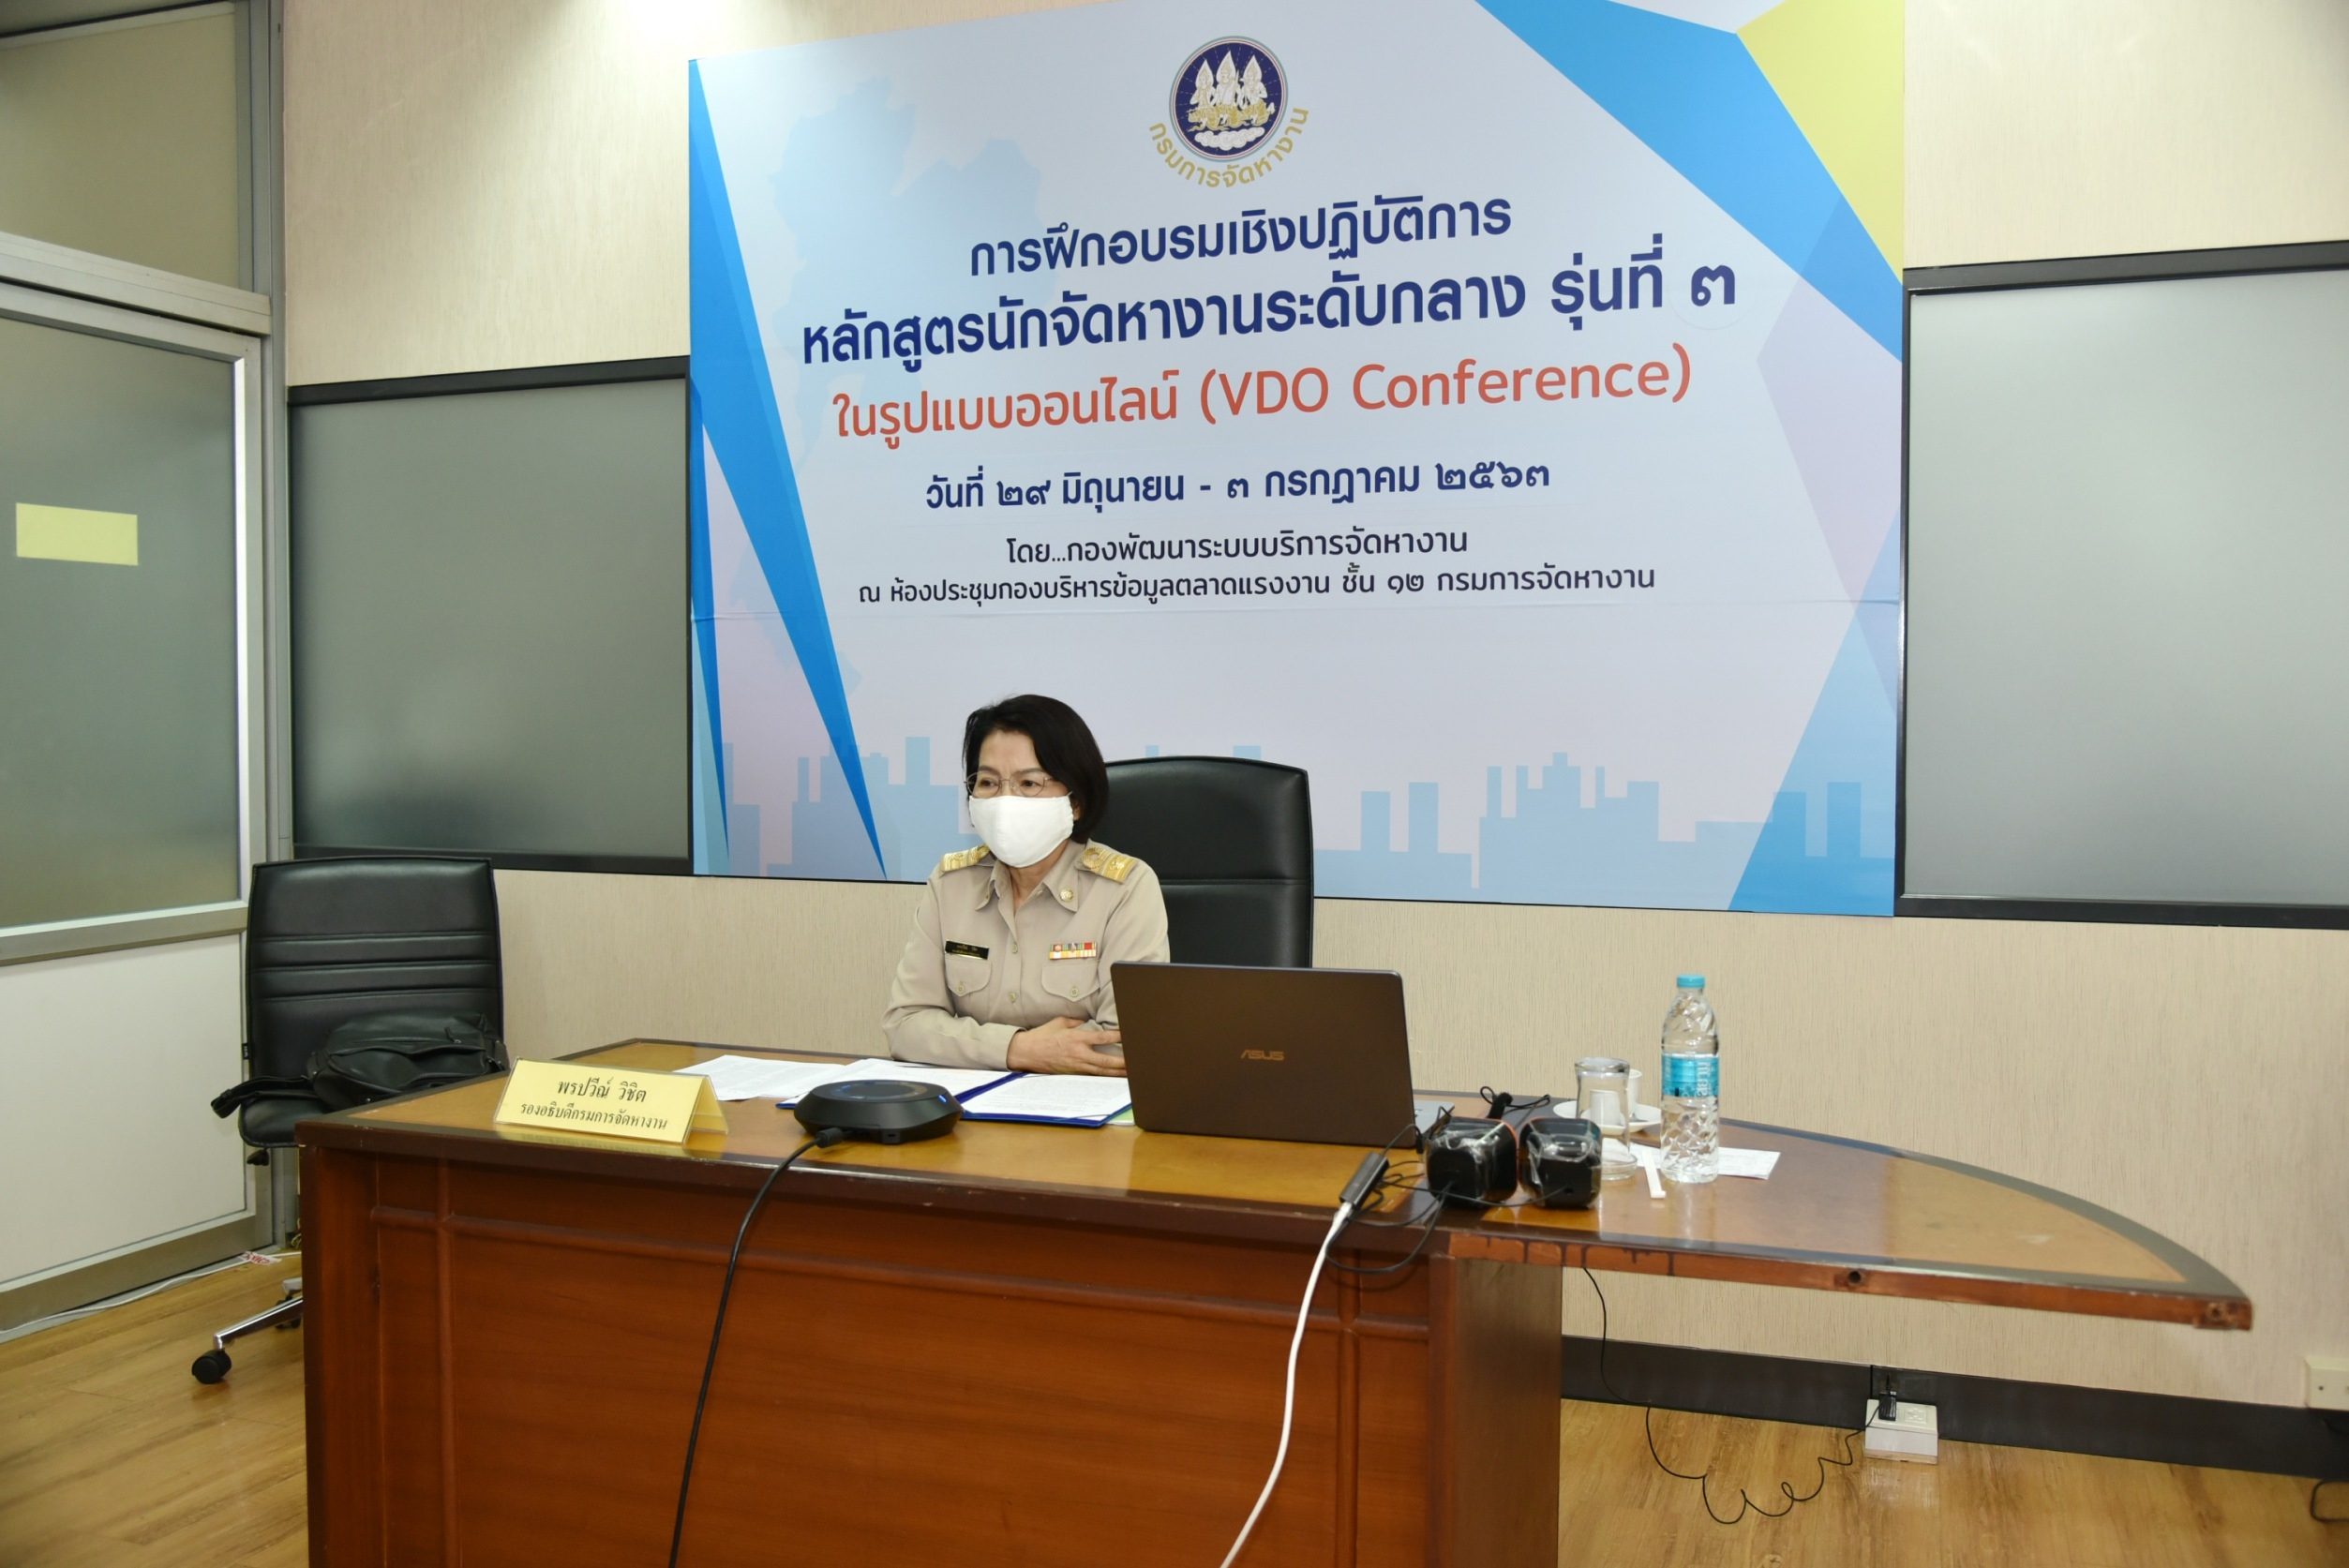 รองอธิบดีกรมการจัดหางานเปิดการฝึกอบรมเชิงปฏิบัติการหลักสูตรนักจัดหางานระดับกลาง รุ่นที่ 3 ผ่านระบบ VDO Conference